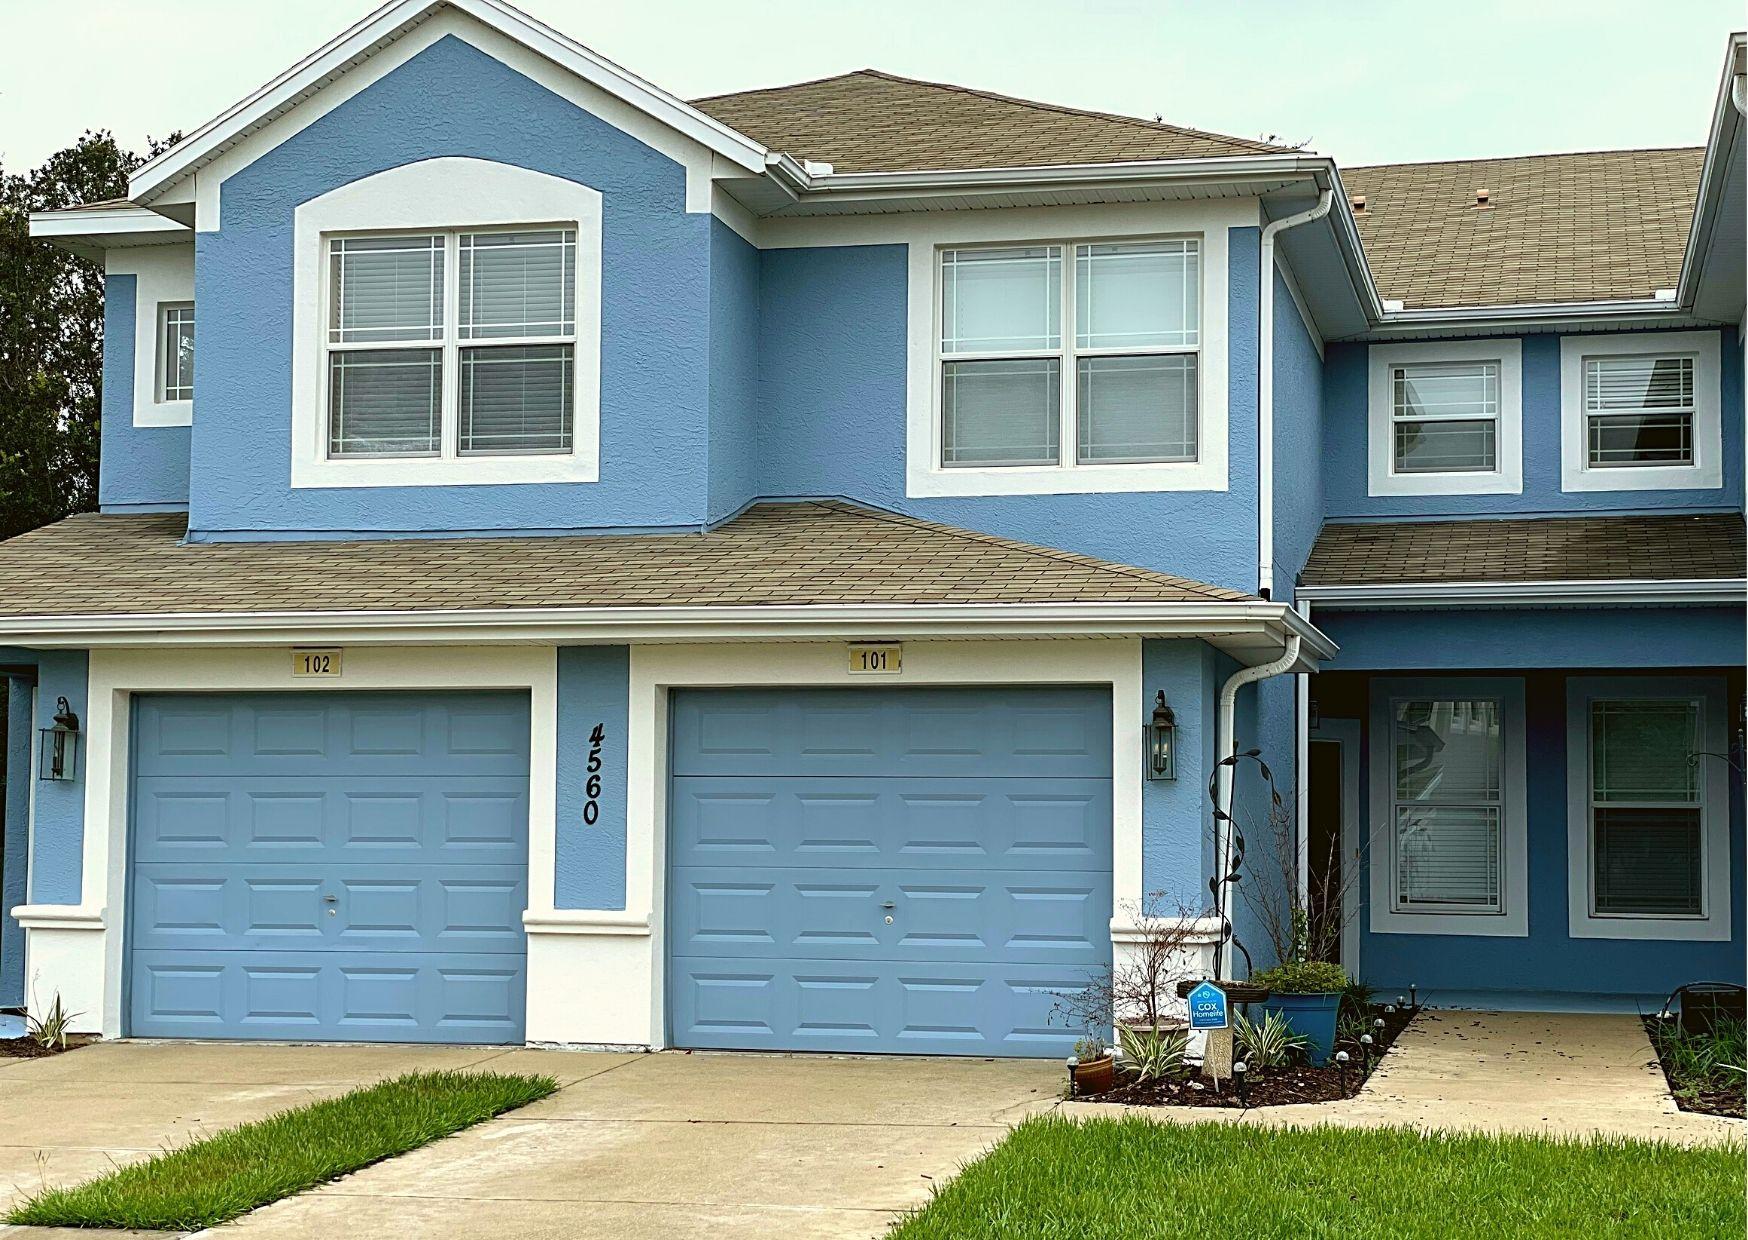 Photo of property: 4560 Southwest 52nd Circle, Unit #101 Ocala, FL 34474